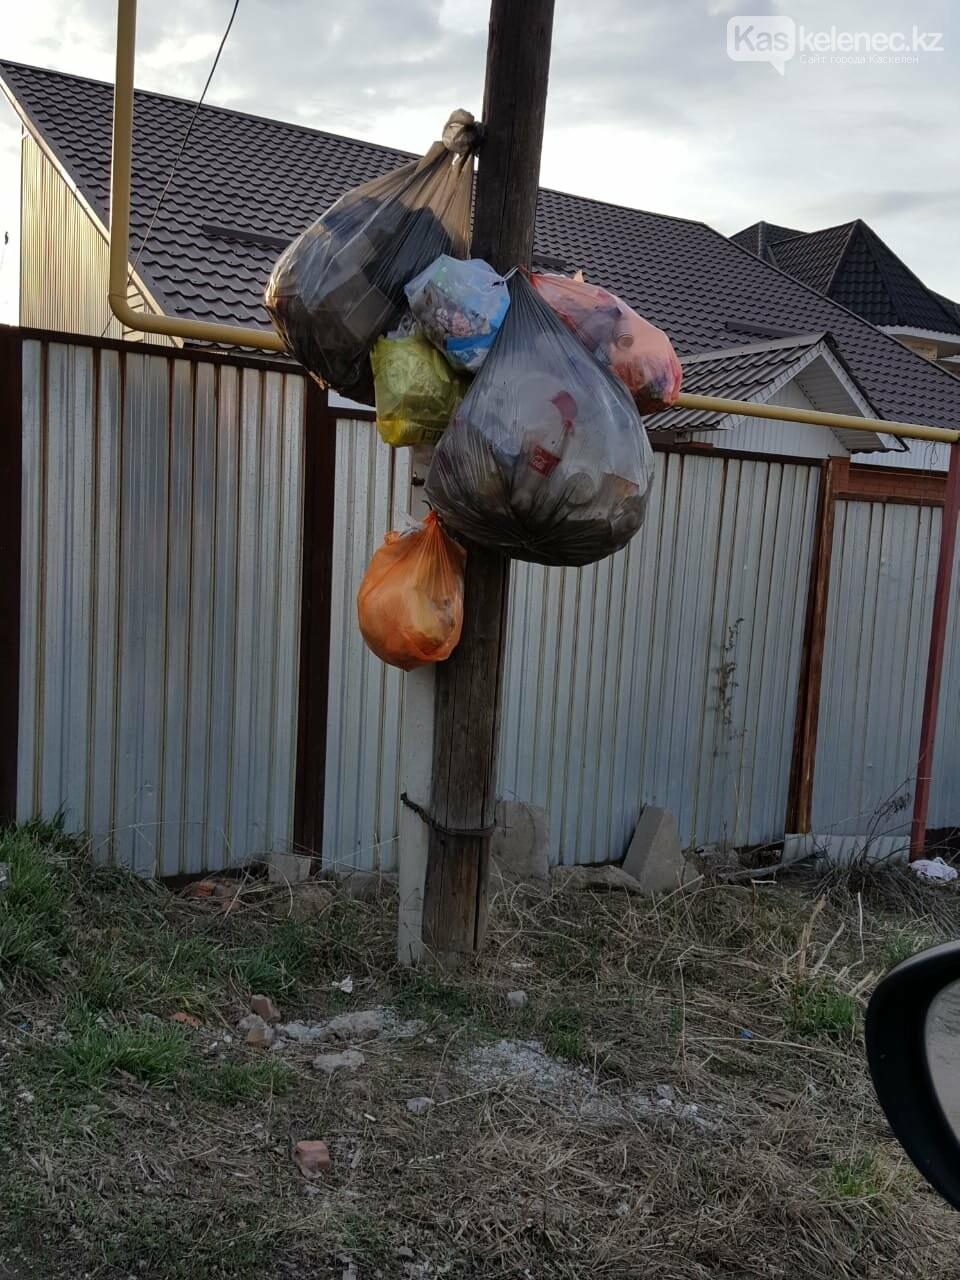 А мусор и ныне там: аким Каскелена возьмет под личный контроль вывоз ТБО, фото-7